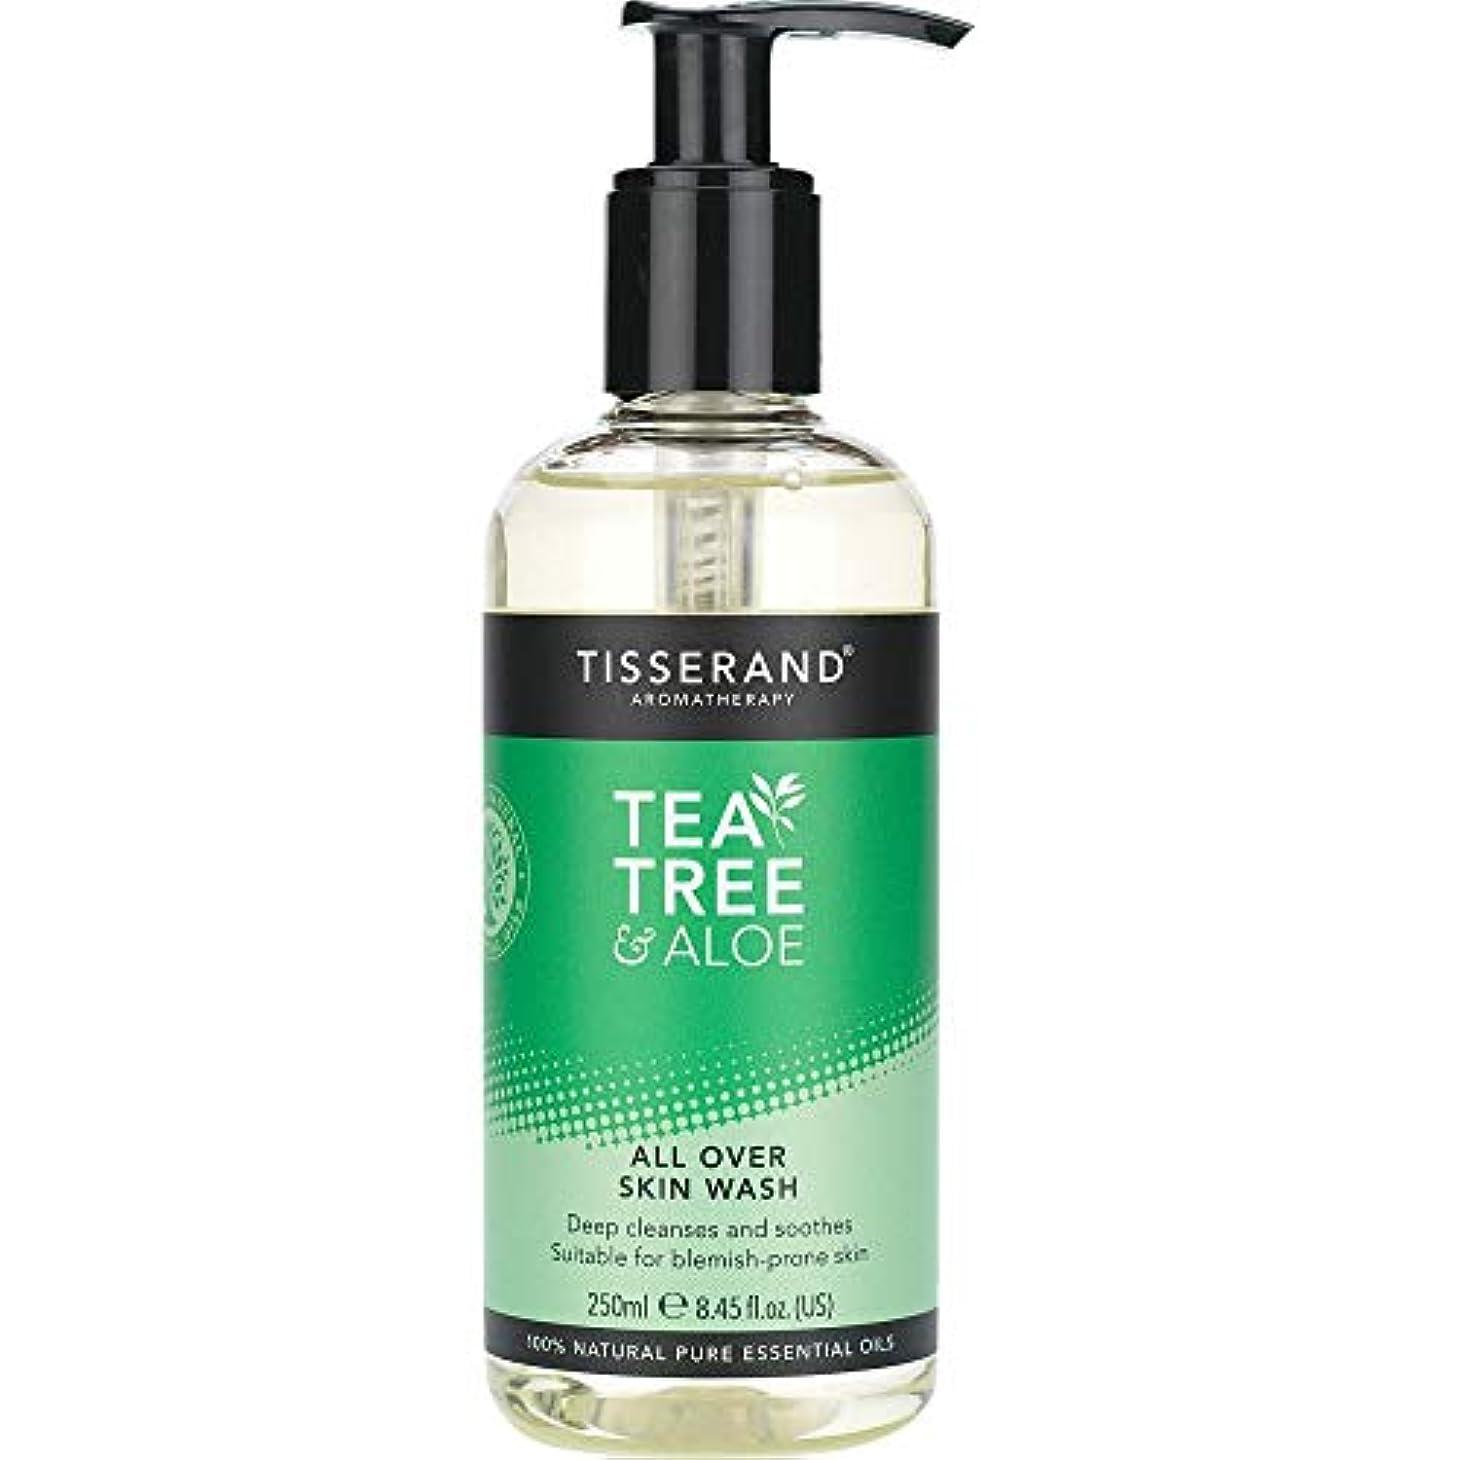 反論軽食寝具[Tisserand] すべての肌ウォッシュ250ミリリットルを超えるティスランドティーツリー&アロエ - Tisserand Tea Tree & Aloe All Over Skin Wash 250ml [並行輸入品]